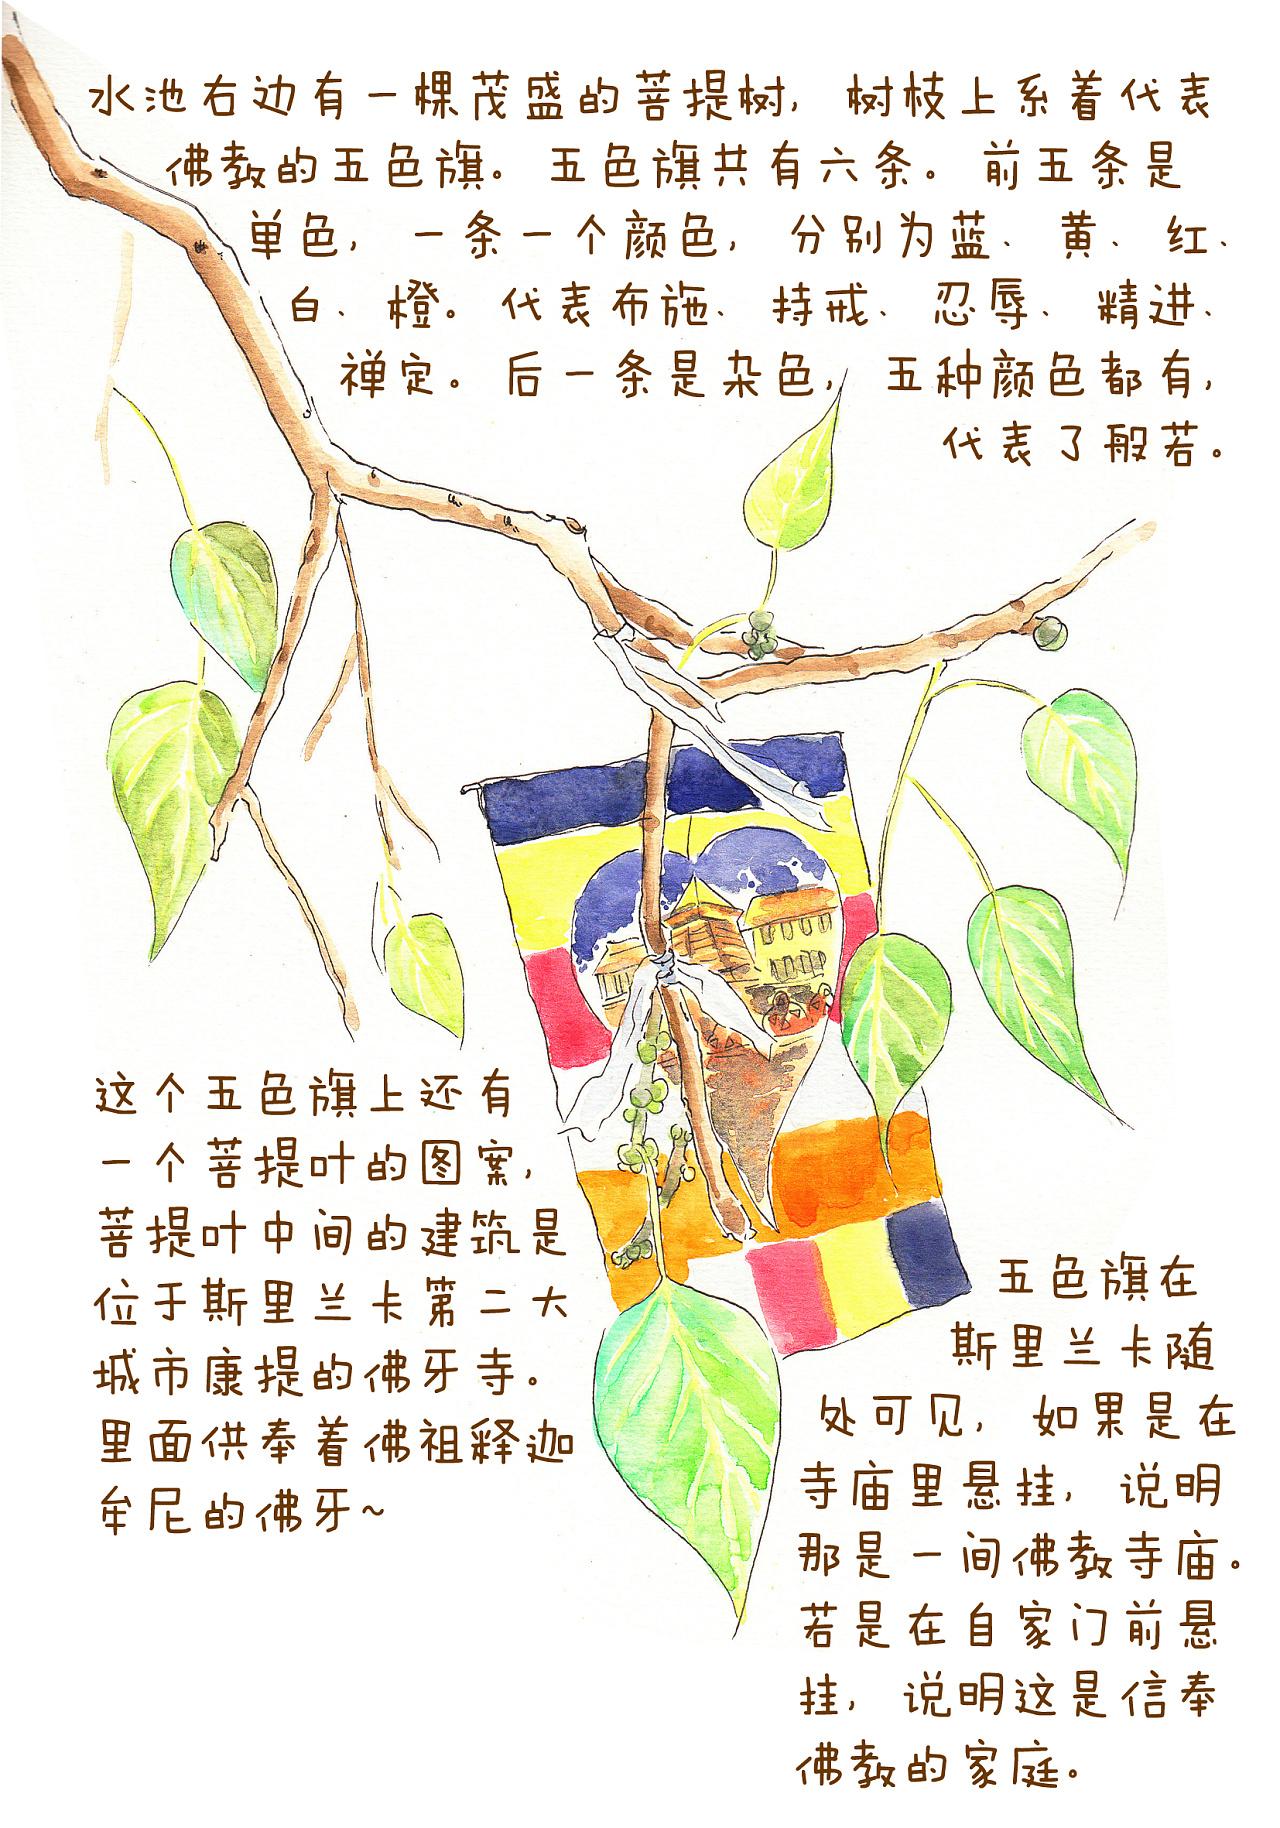 太饿公主斯里兰卡手绘旅行日记(三)